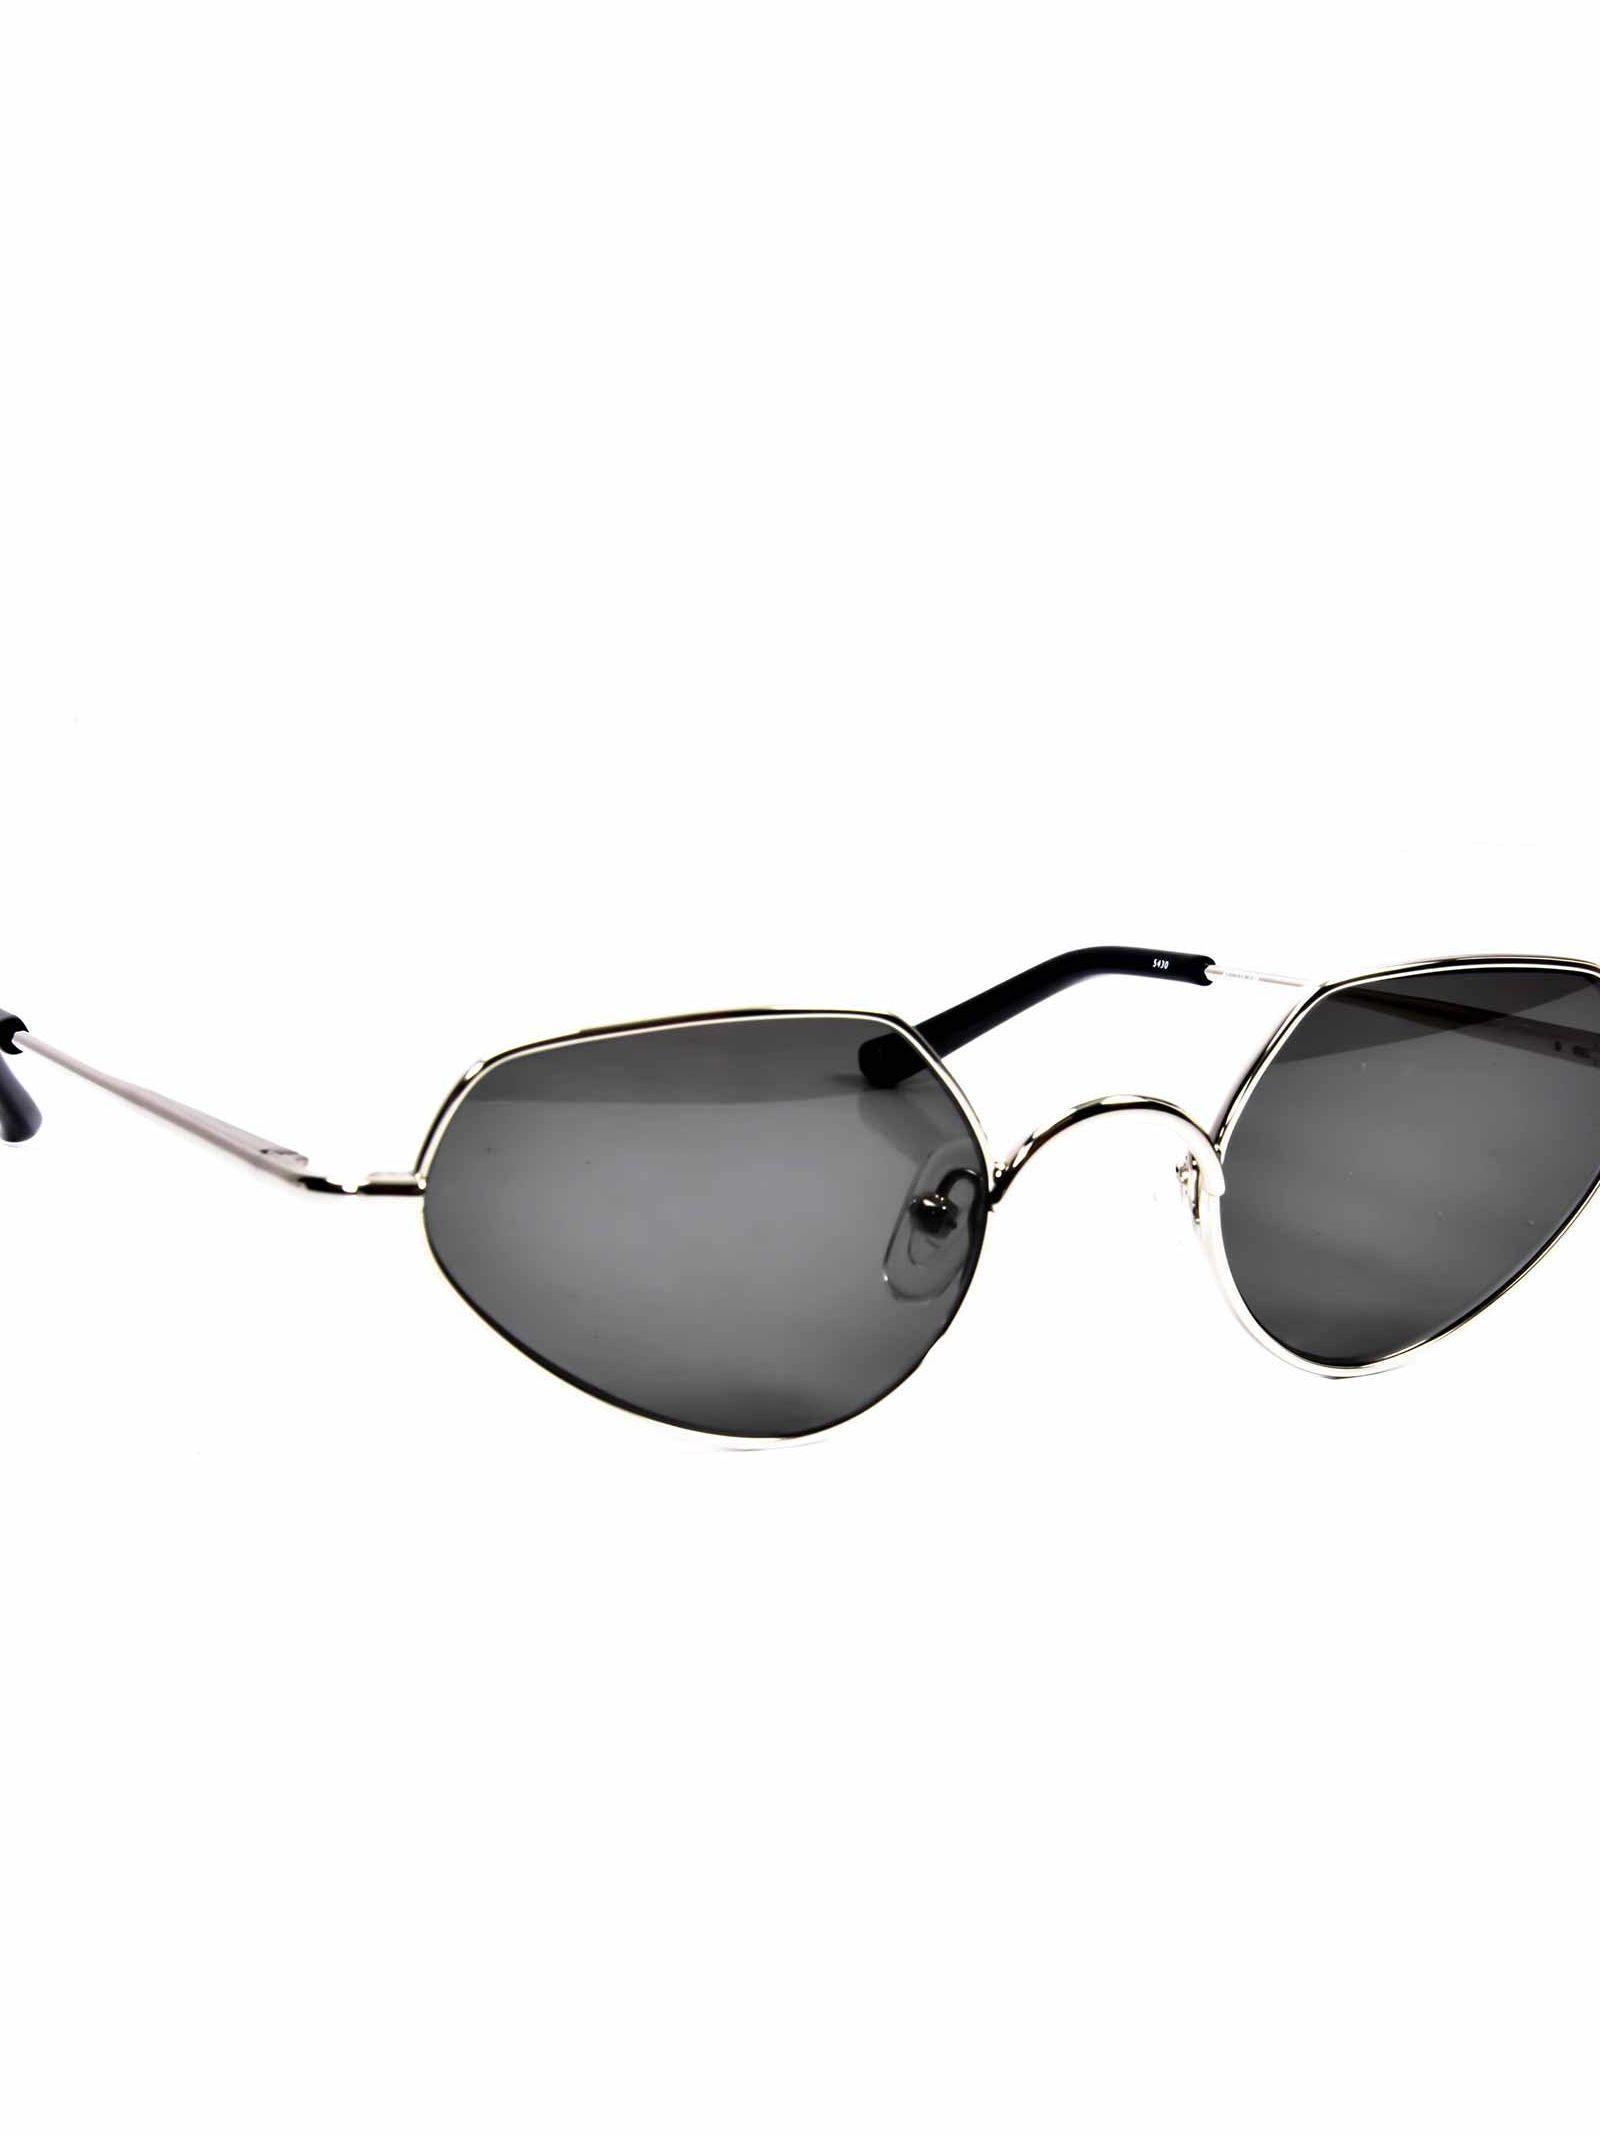 73a6ef14a0d8 Linda Farrow Dries Van Noten Sunglasses In Csilver Black